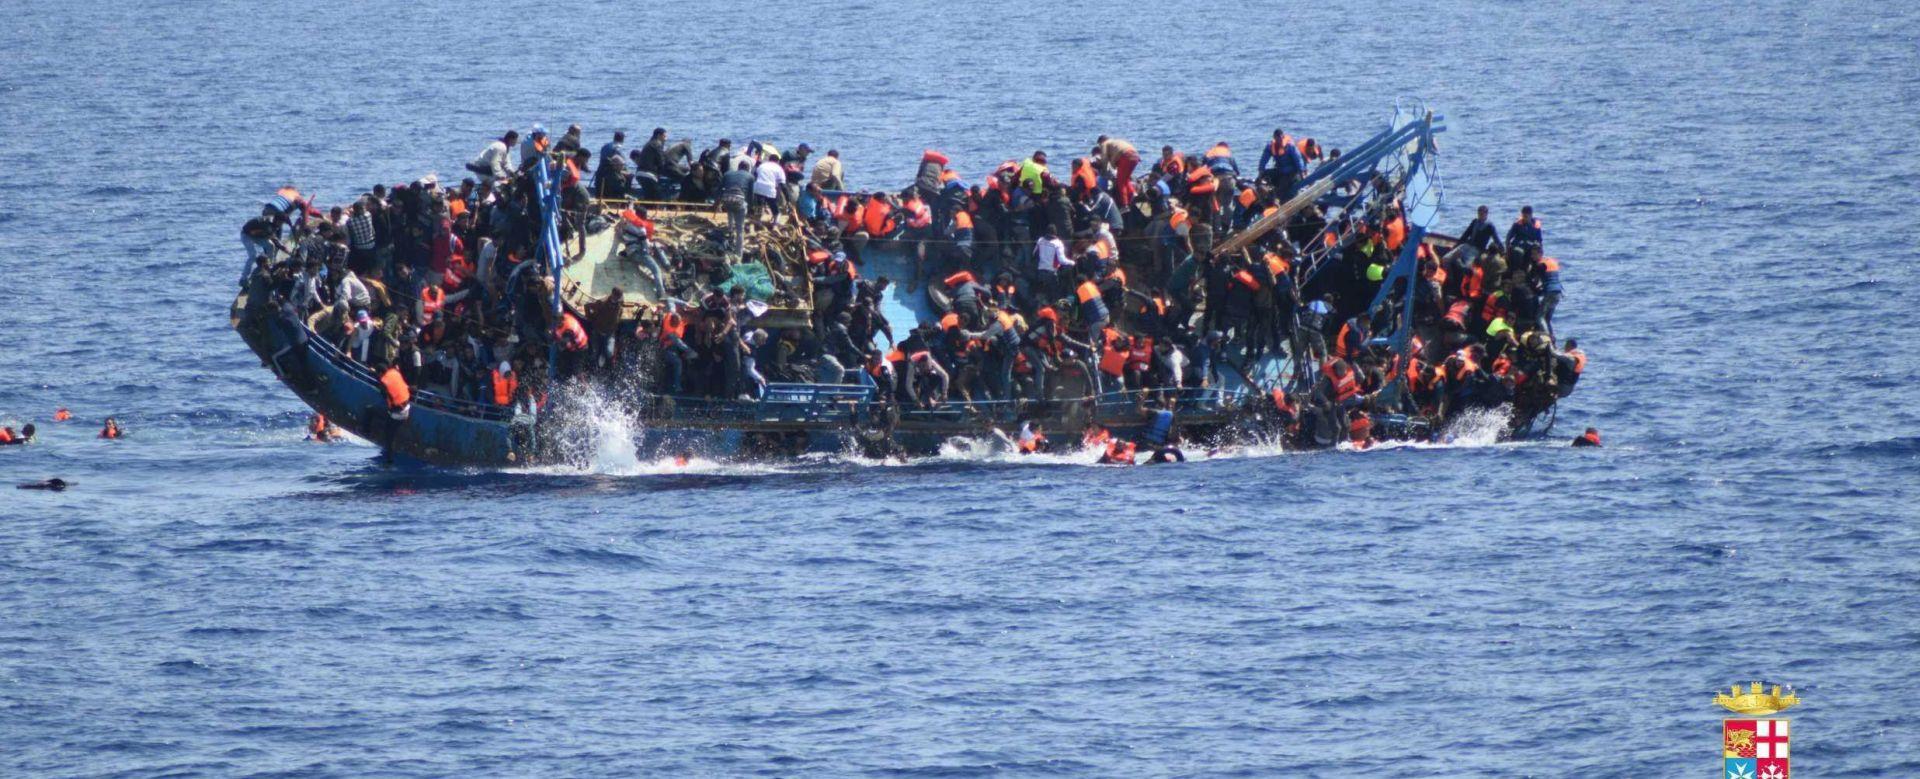 NOVI BRODOLOM: Ispred libijske obale utopilo se 20 do 30 migranata